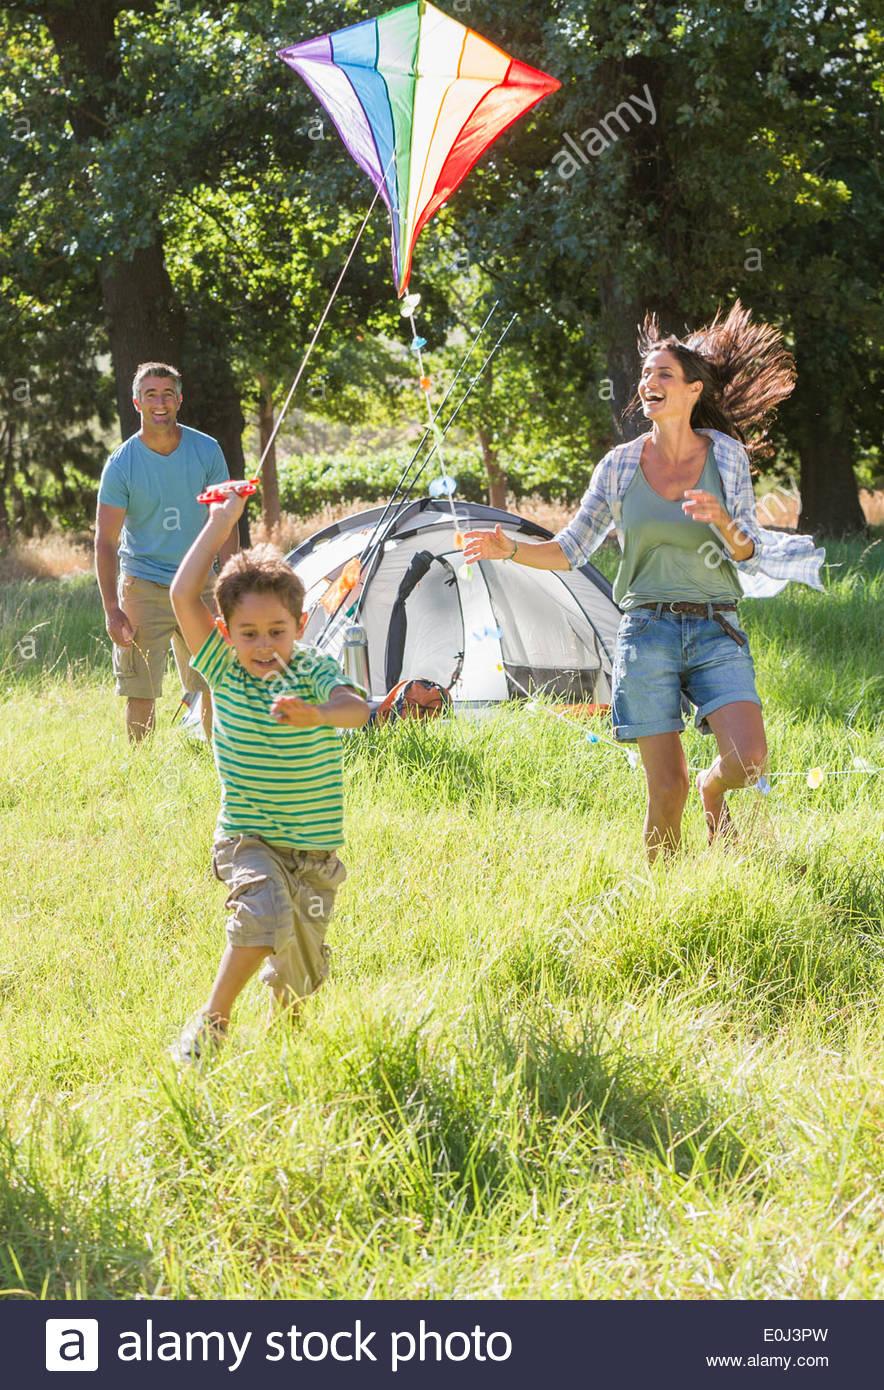 Familia Flying Kite en camping vacaciones en campo Imagen De Stock